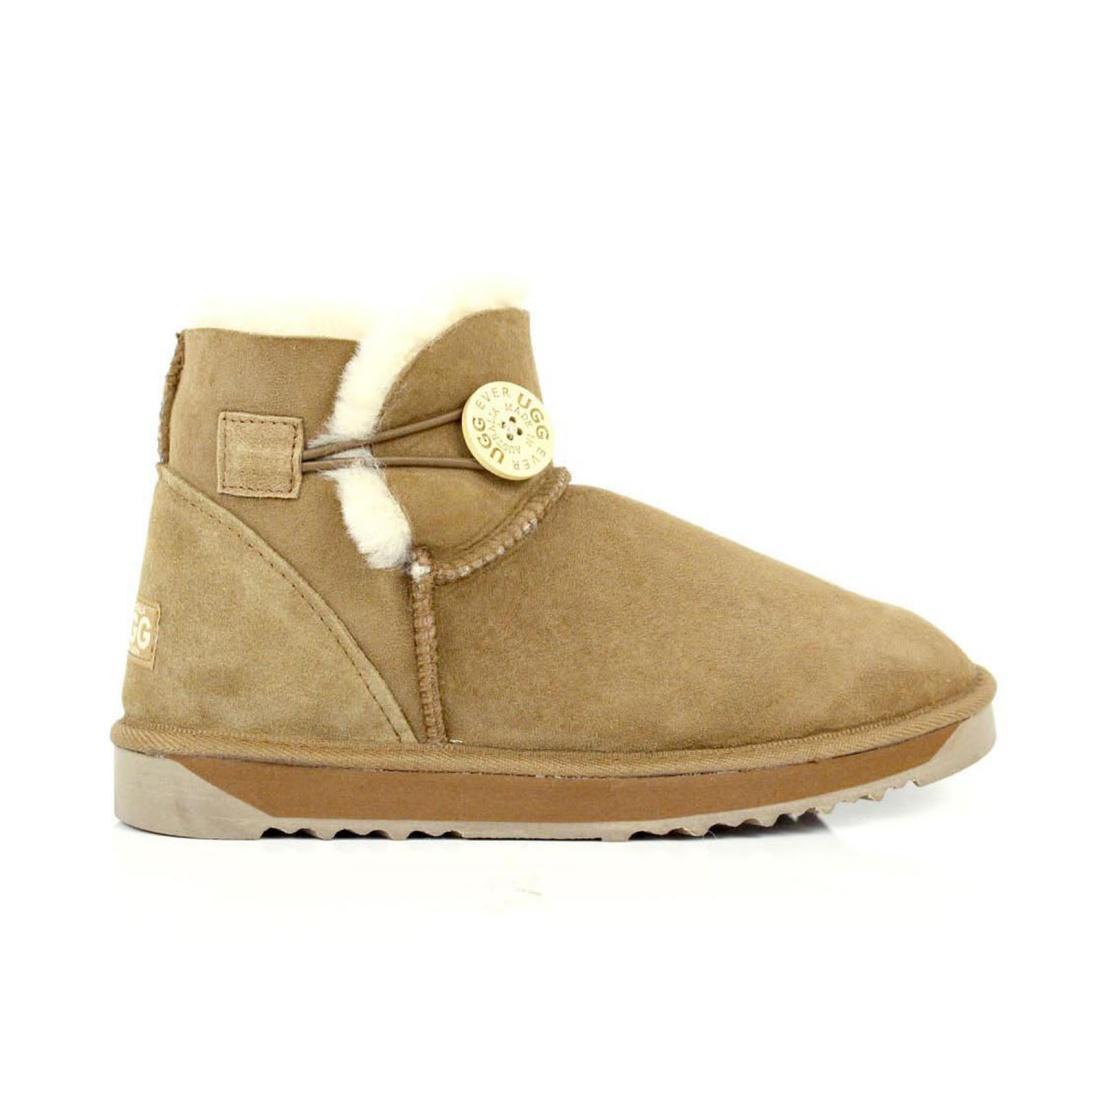 UGG Button Ankle Boots Mini - Chestnut - AU Women 4 / Men 2